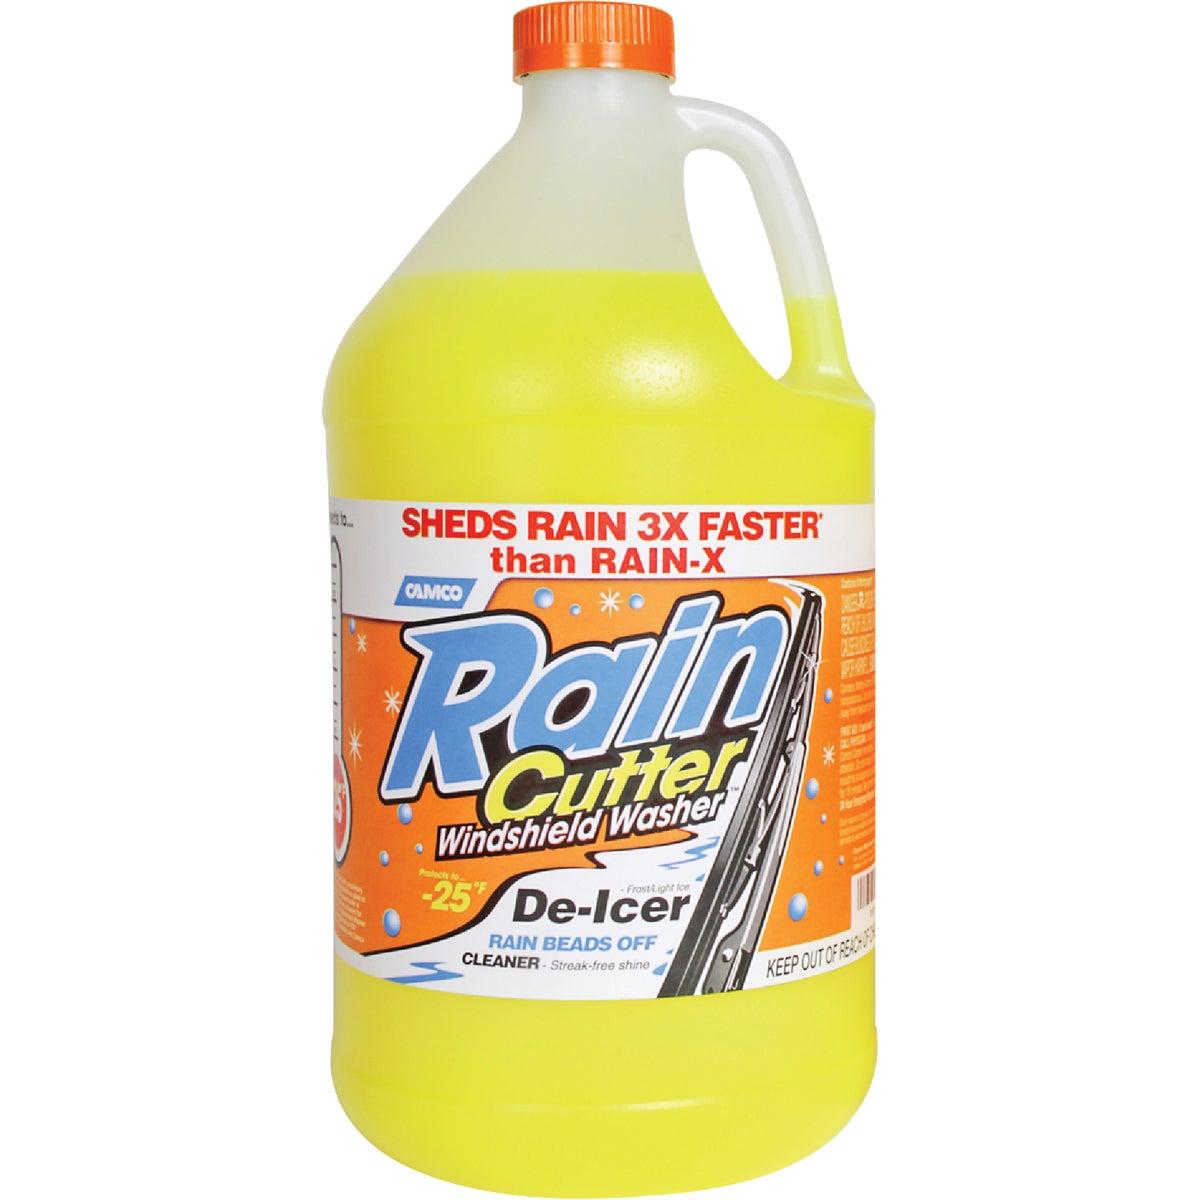 -25 Premium Rain Cutter